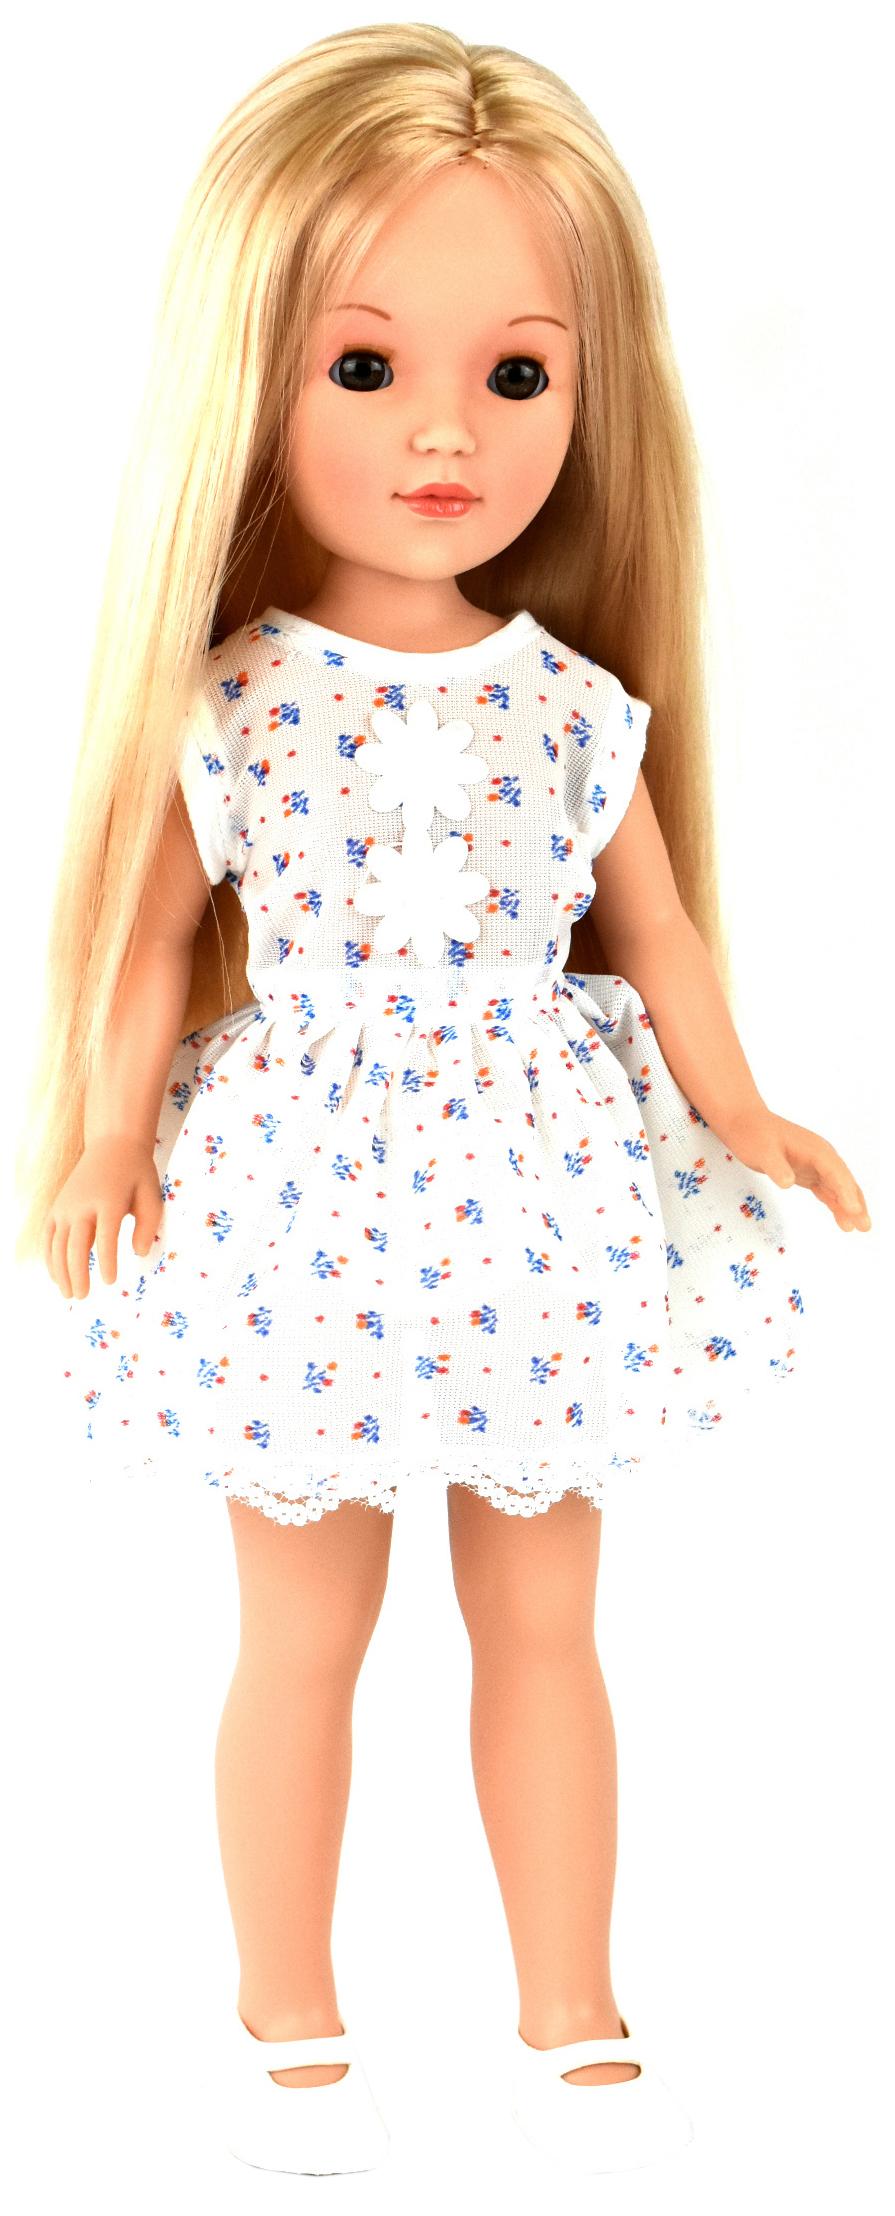 Купить Кукла Пепа блондинка (в подарочной коробке), 41 см, Vidal Rojas Dolls,